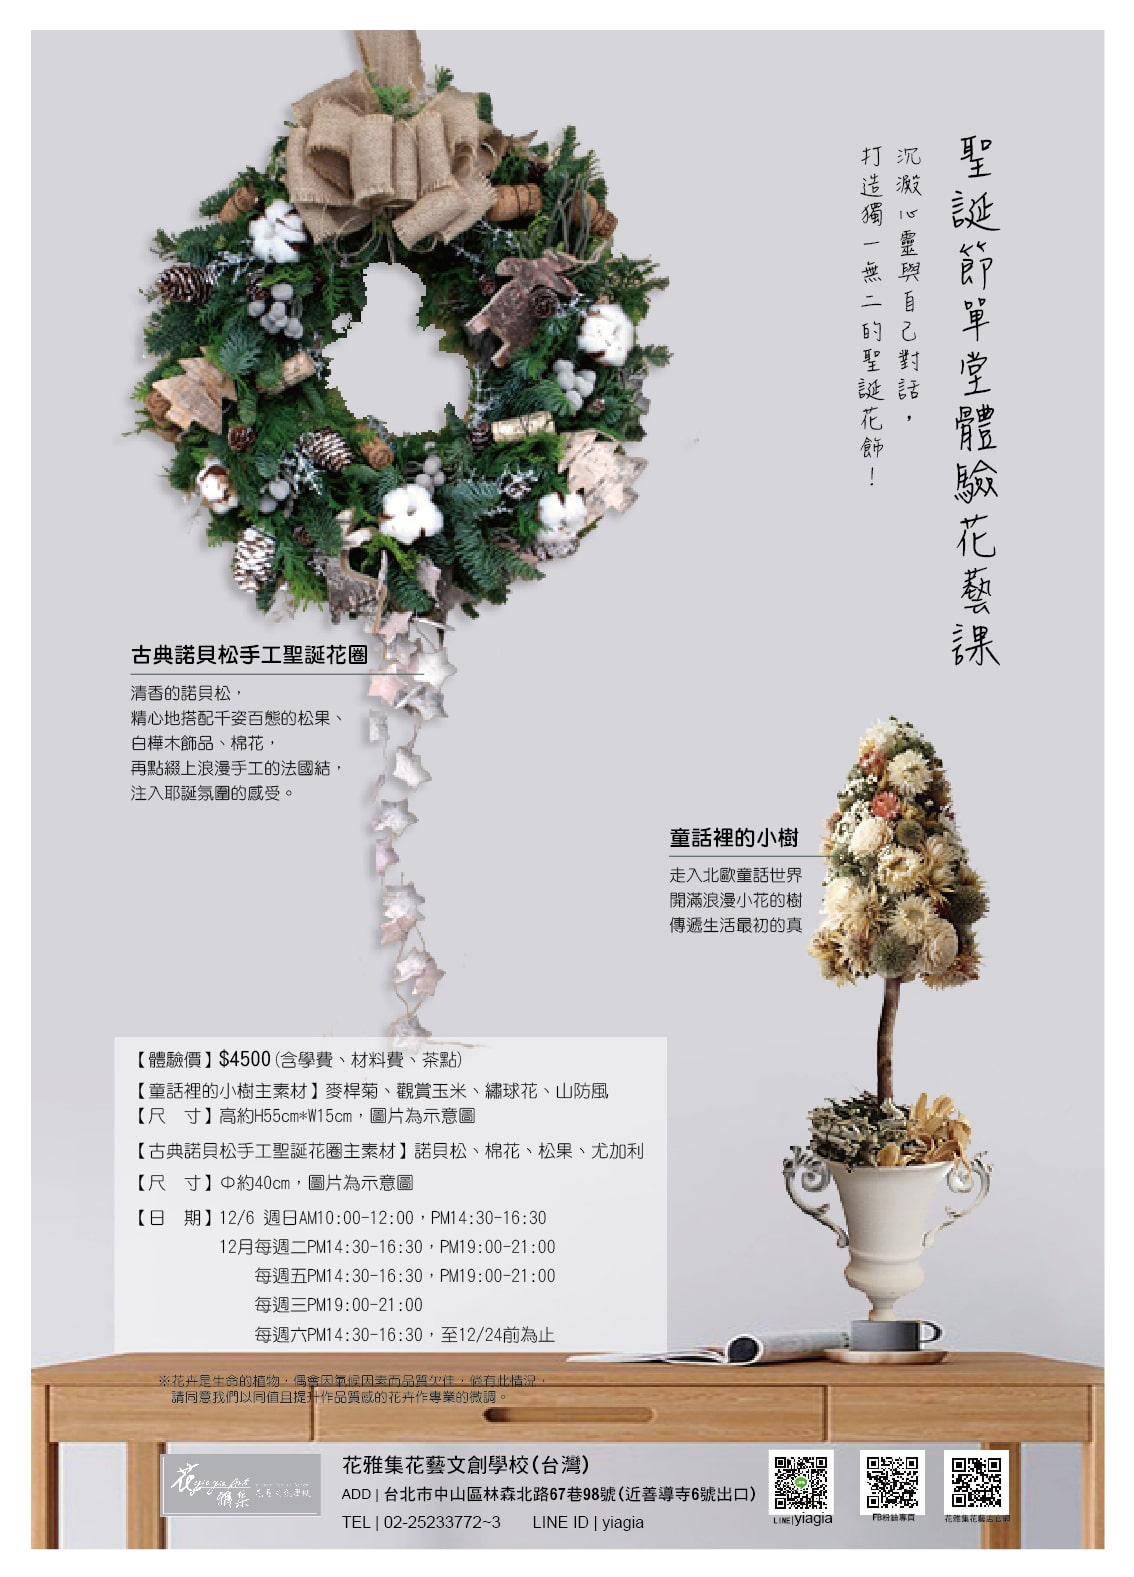 聖誕節單堂體驗EDM20201125-01